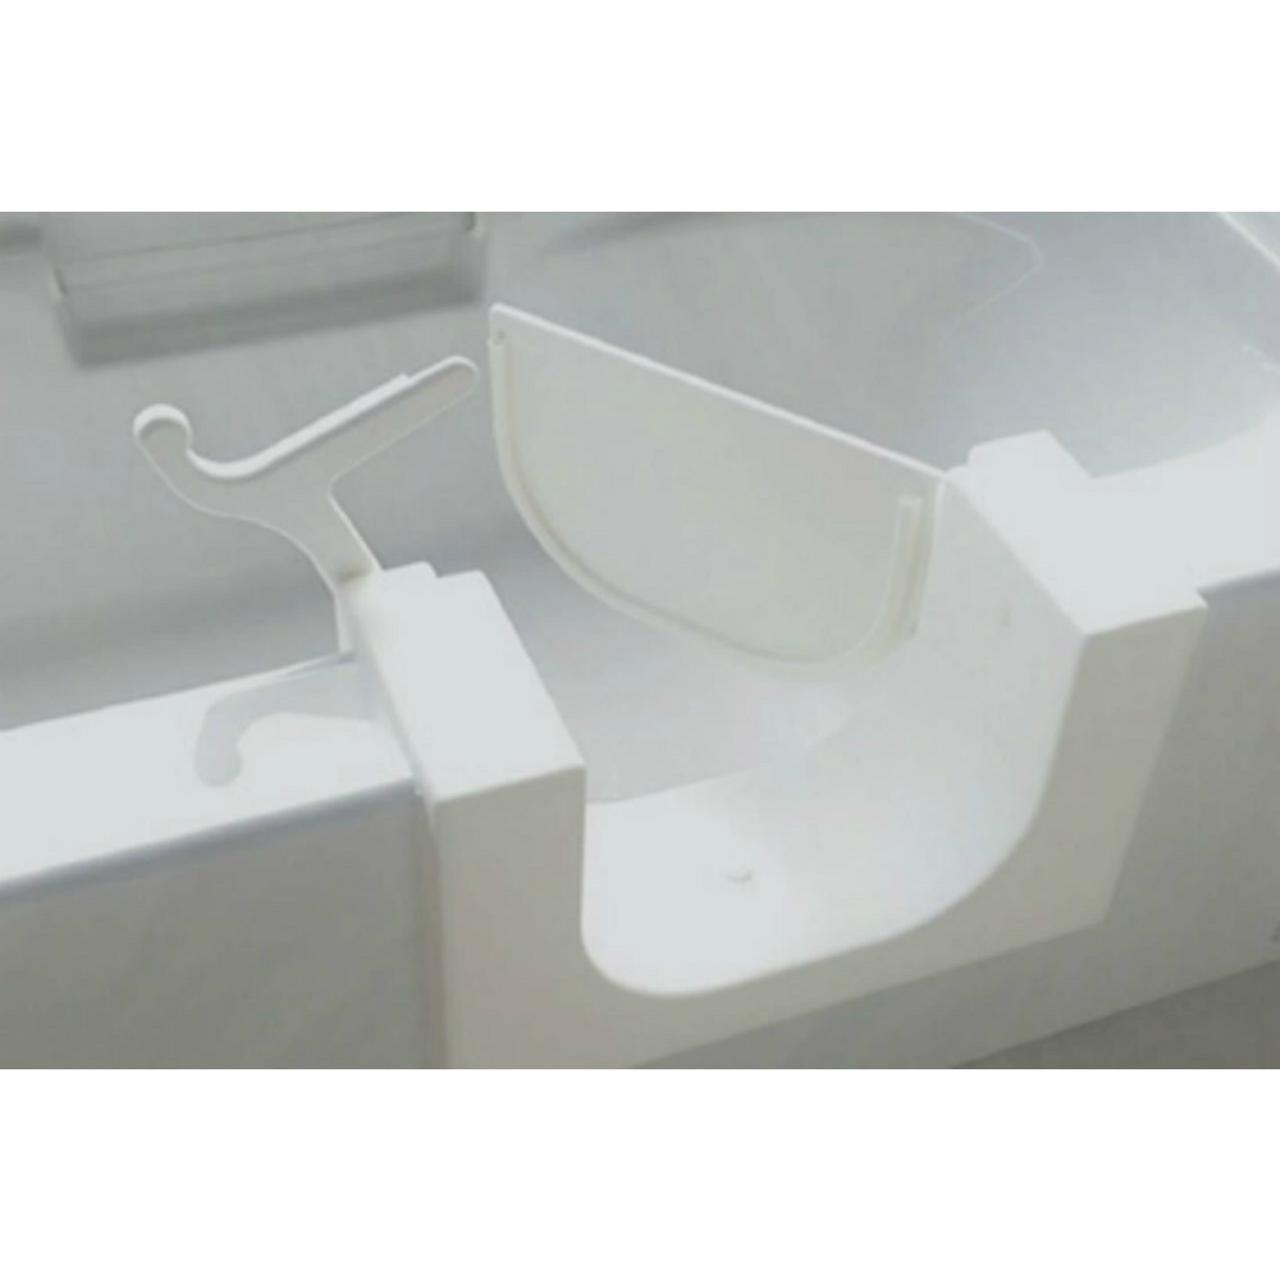 Bathtub Conversion Kit by Safety Bath